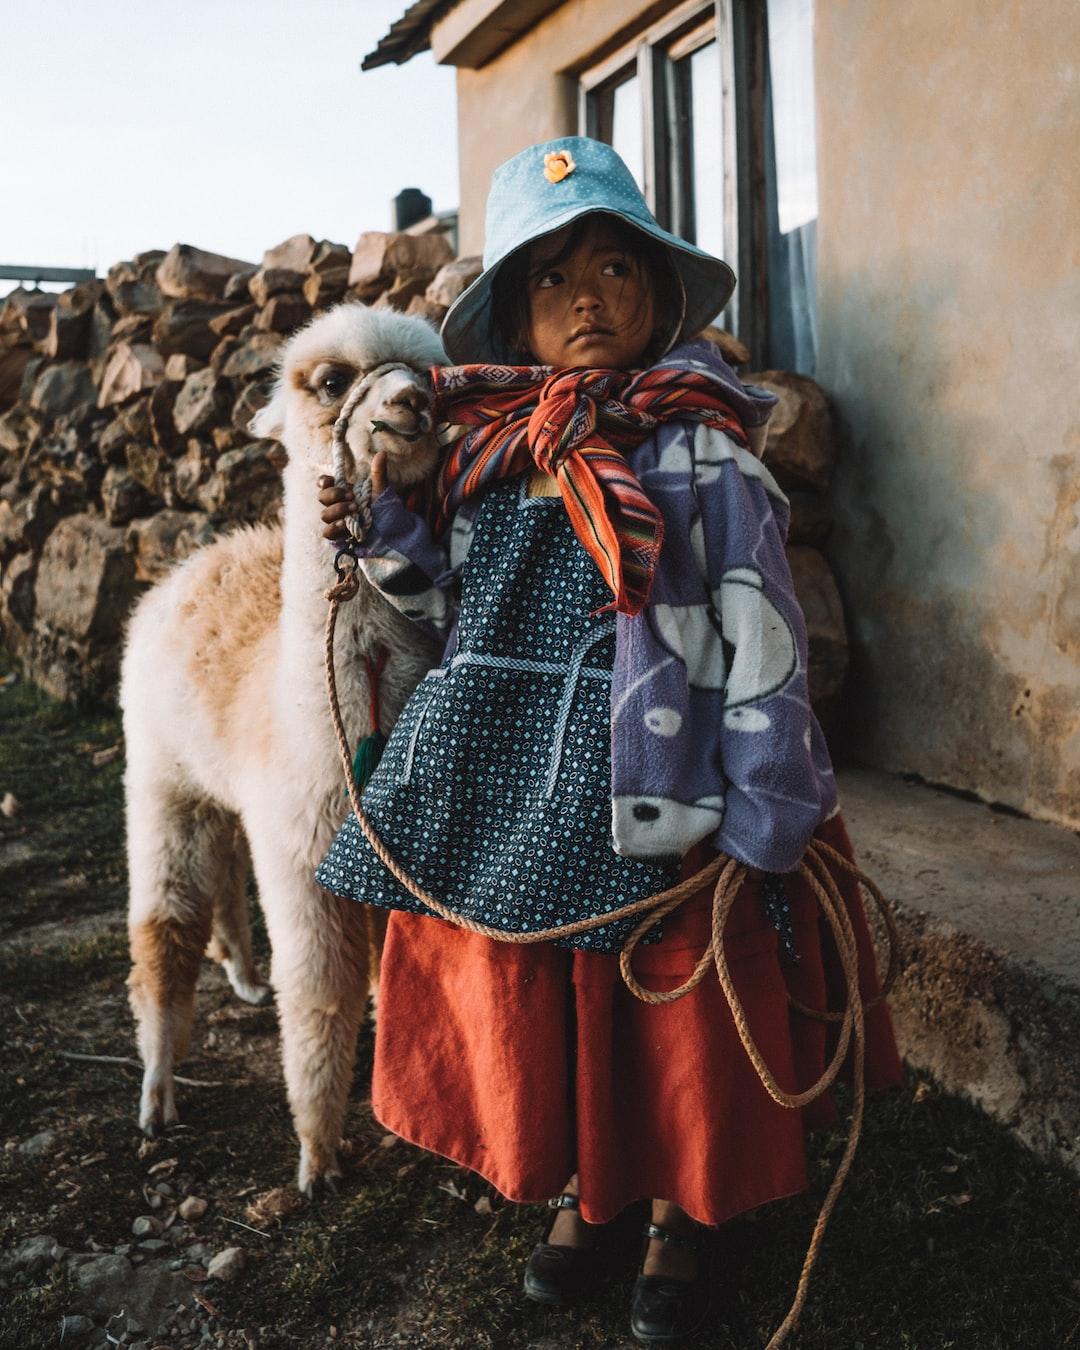 Bolivian girl with baby Llama in Isla del sol